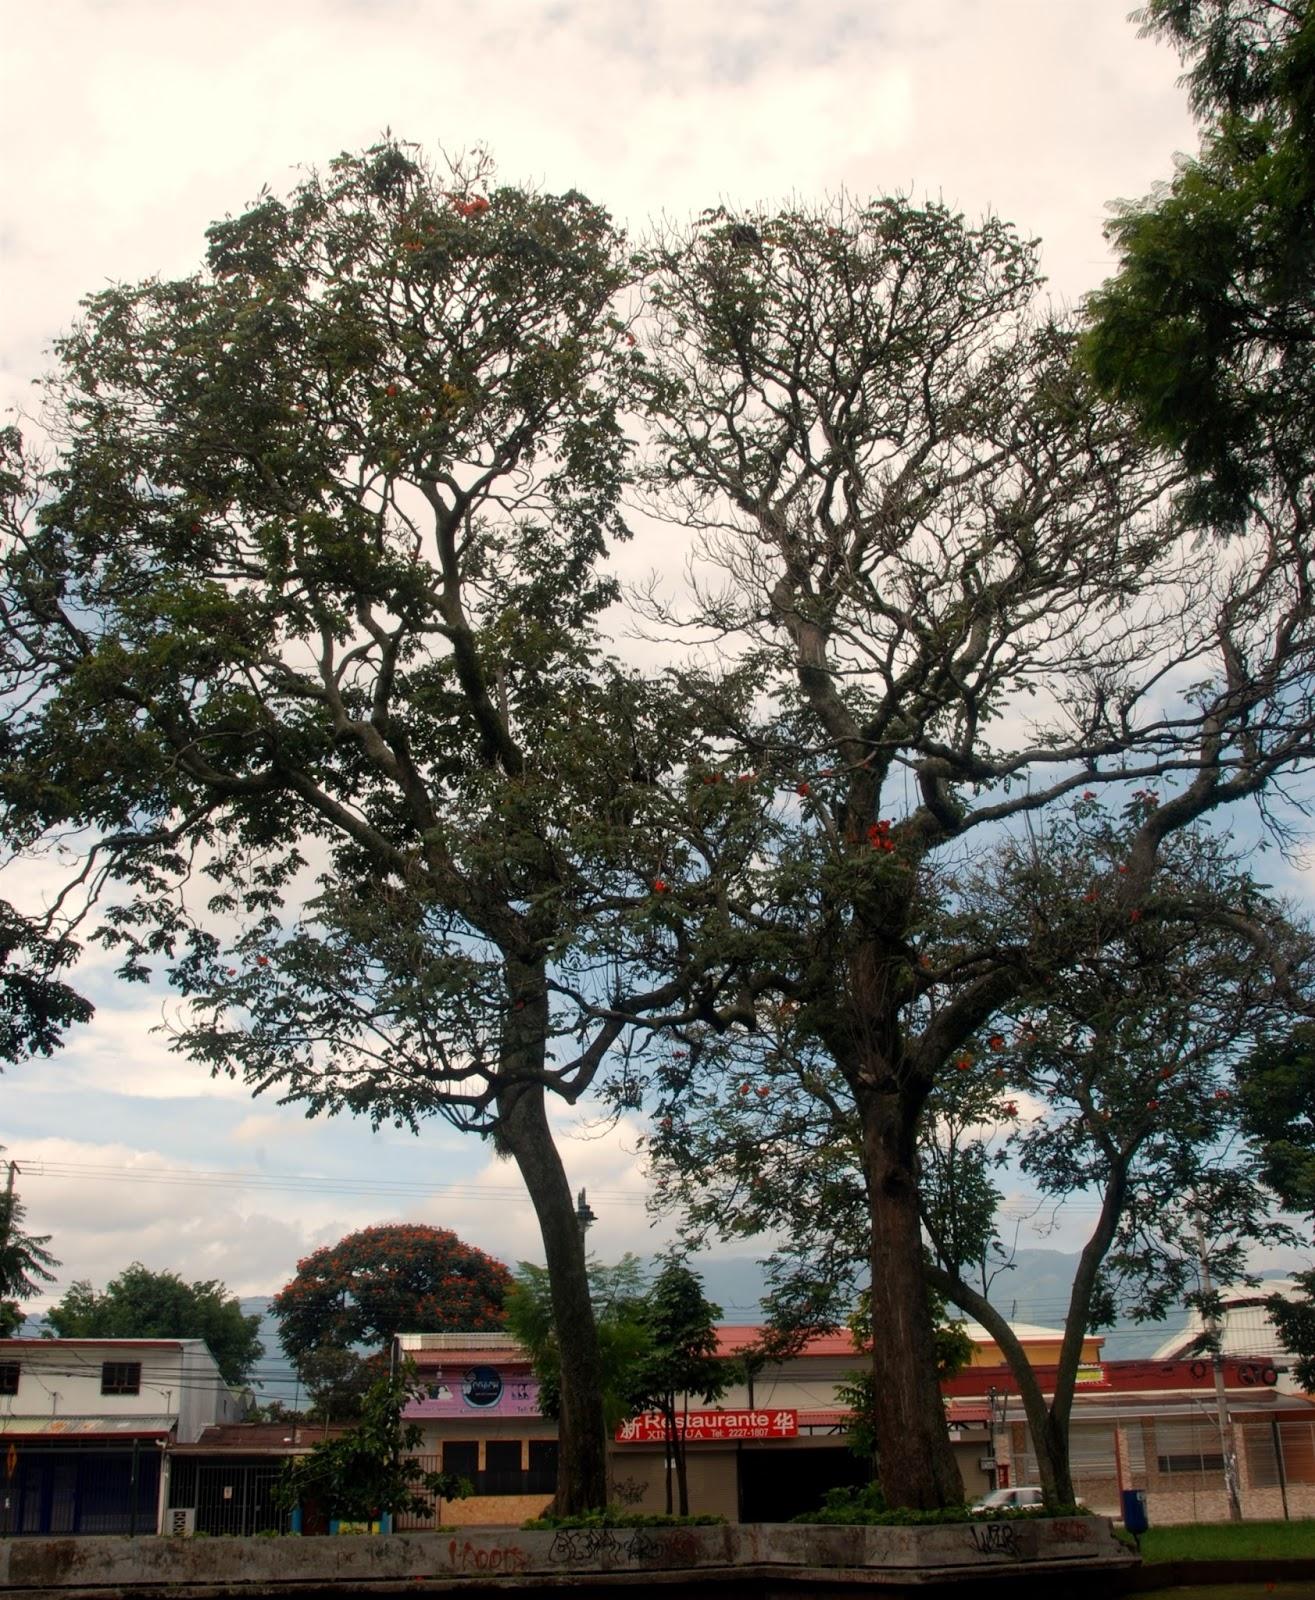 Viajes cuentos e historietas parque rep blica dominicana - Oklahoma vecindario ...